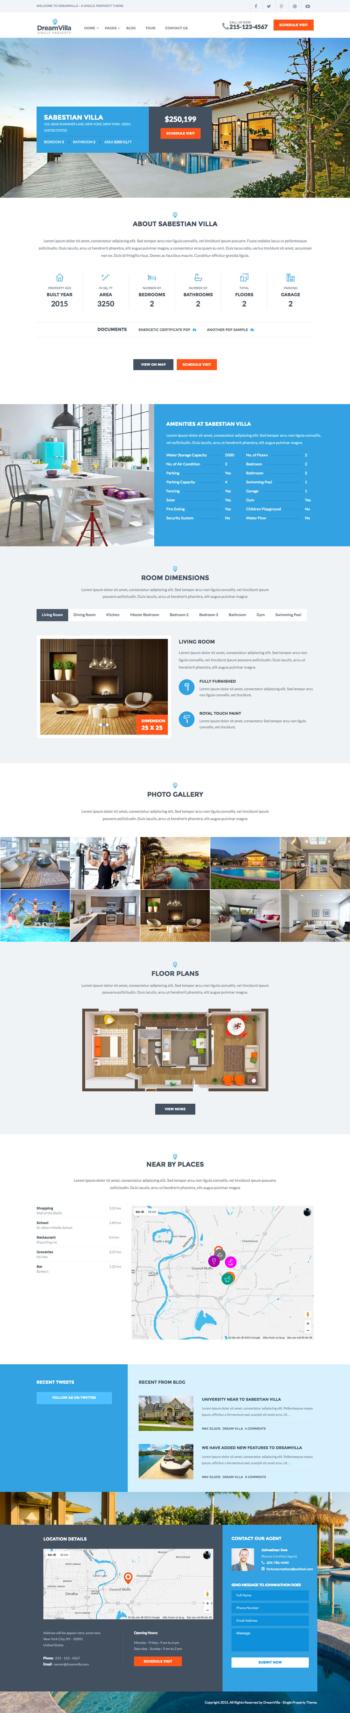 Thiết kế website bất động sản chuyên nghiệp – DreamVilla